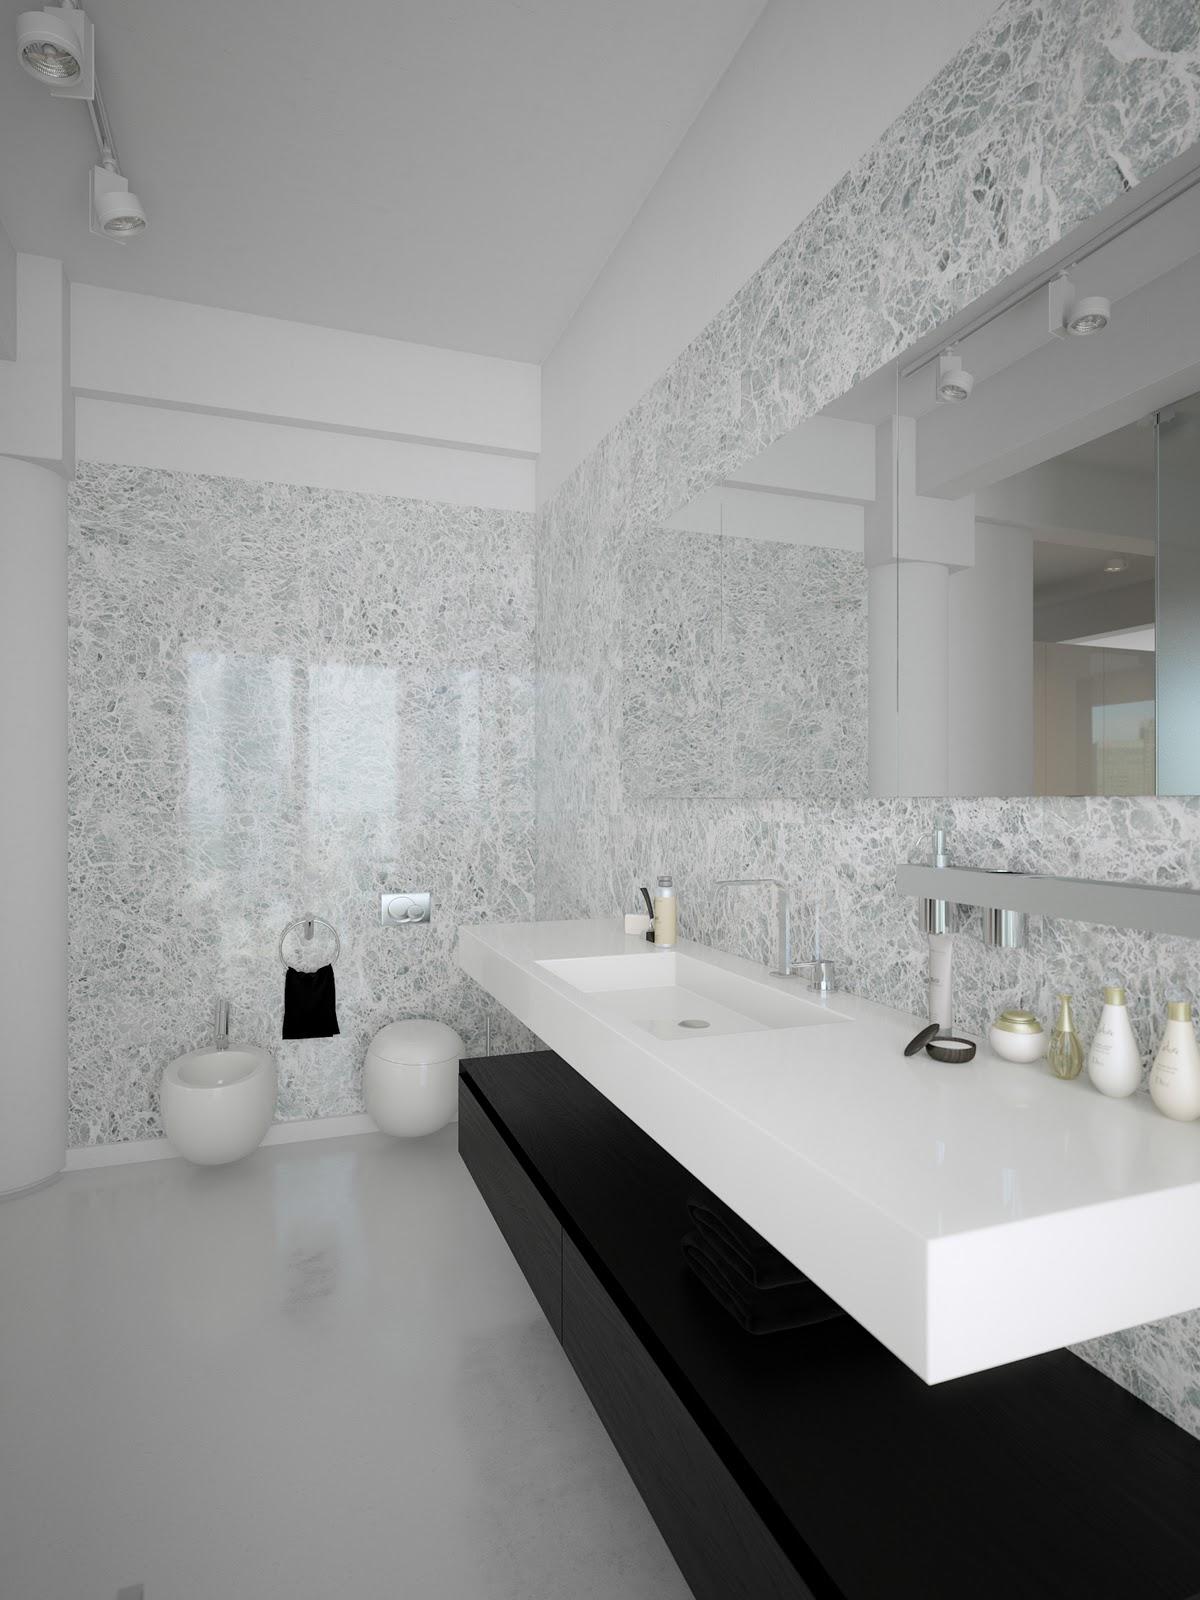 Best Kitchen Gallery: Black White Contemporary Bathroom Design Interior Design Ideas of Contemporary Bathroom Design  on rachelxblog.com